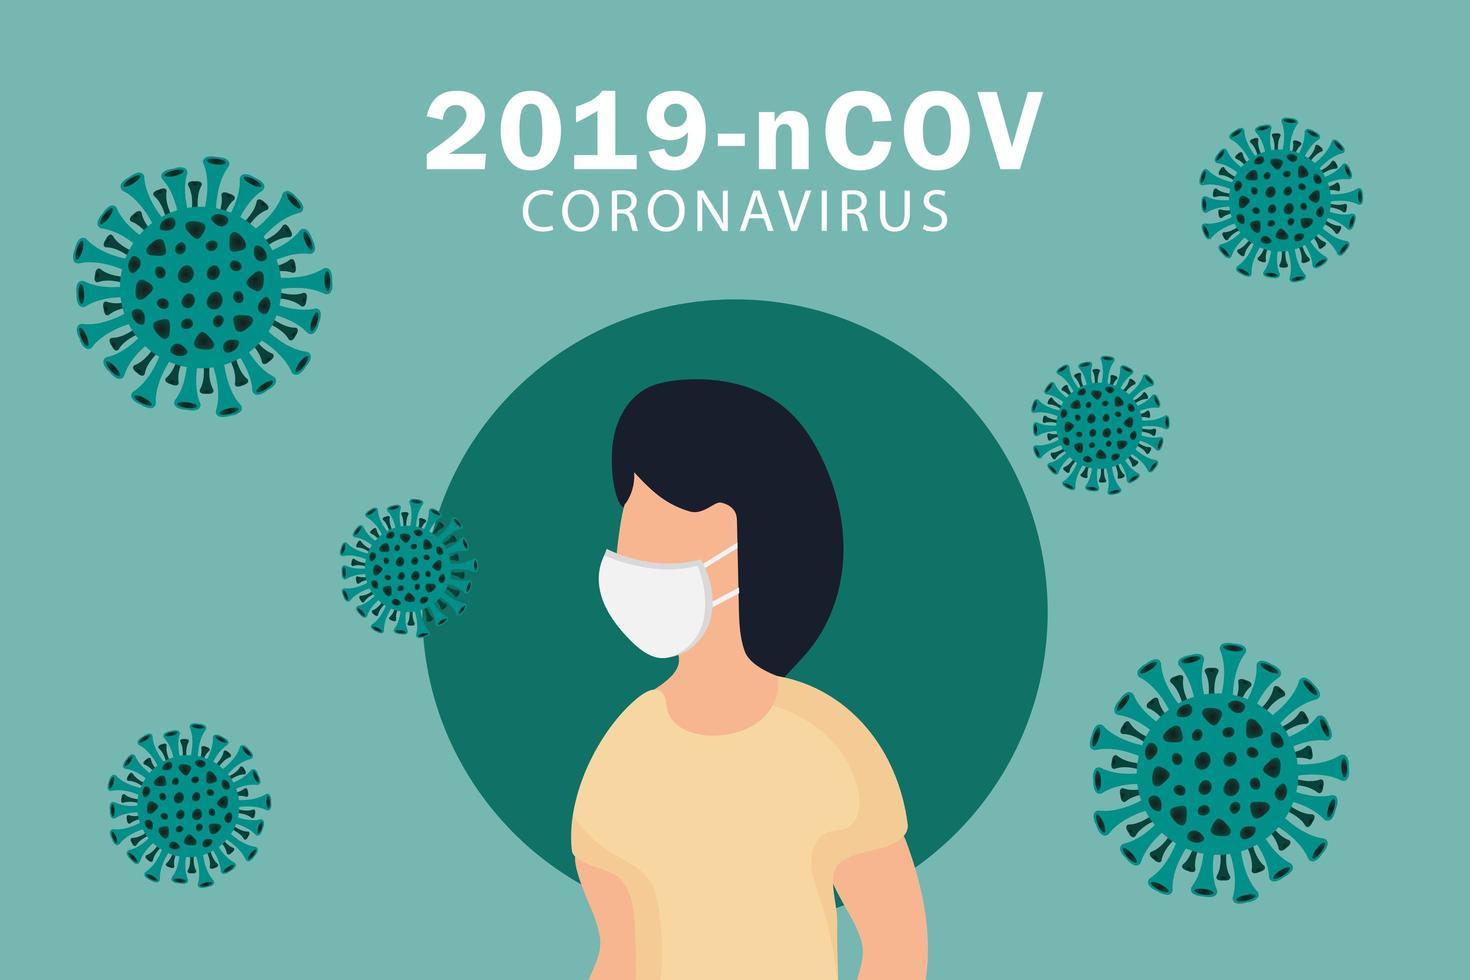 affiche du coronavirus covid-19 ou 2019-ncov vecteur